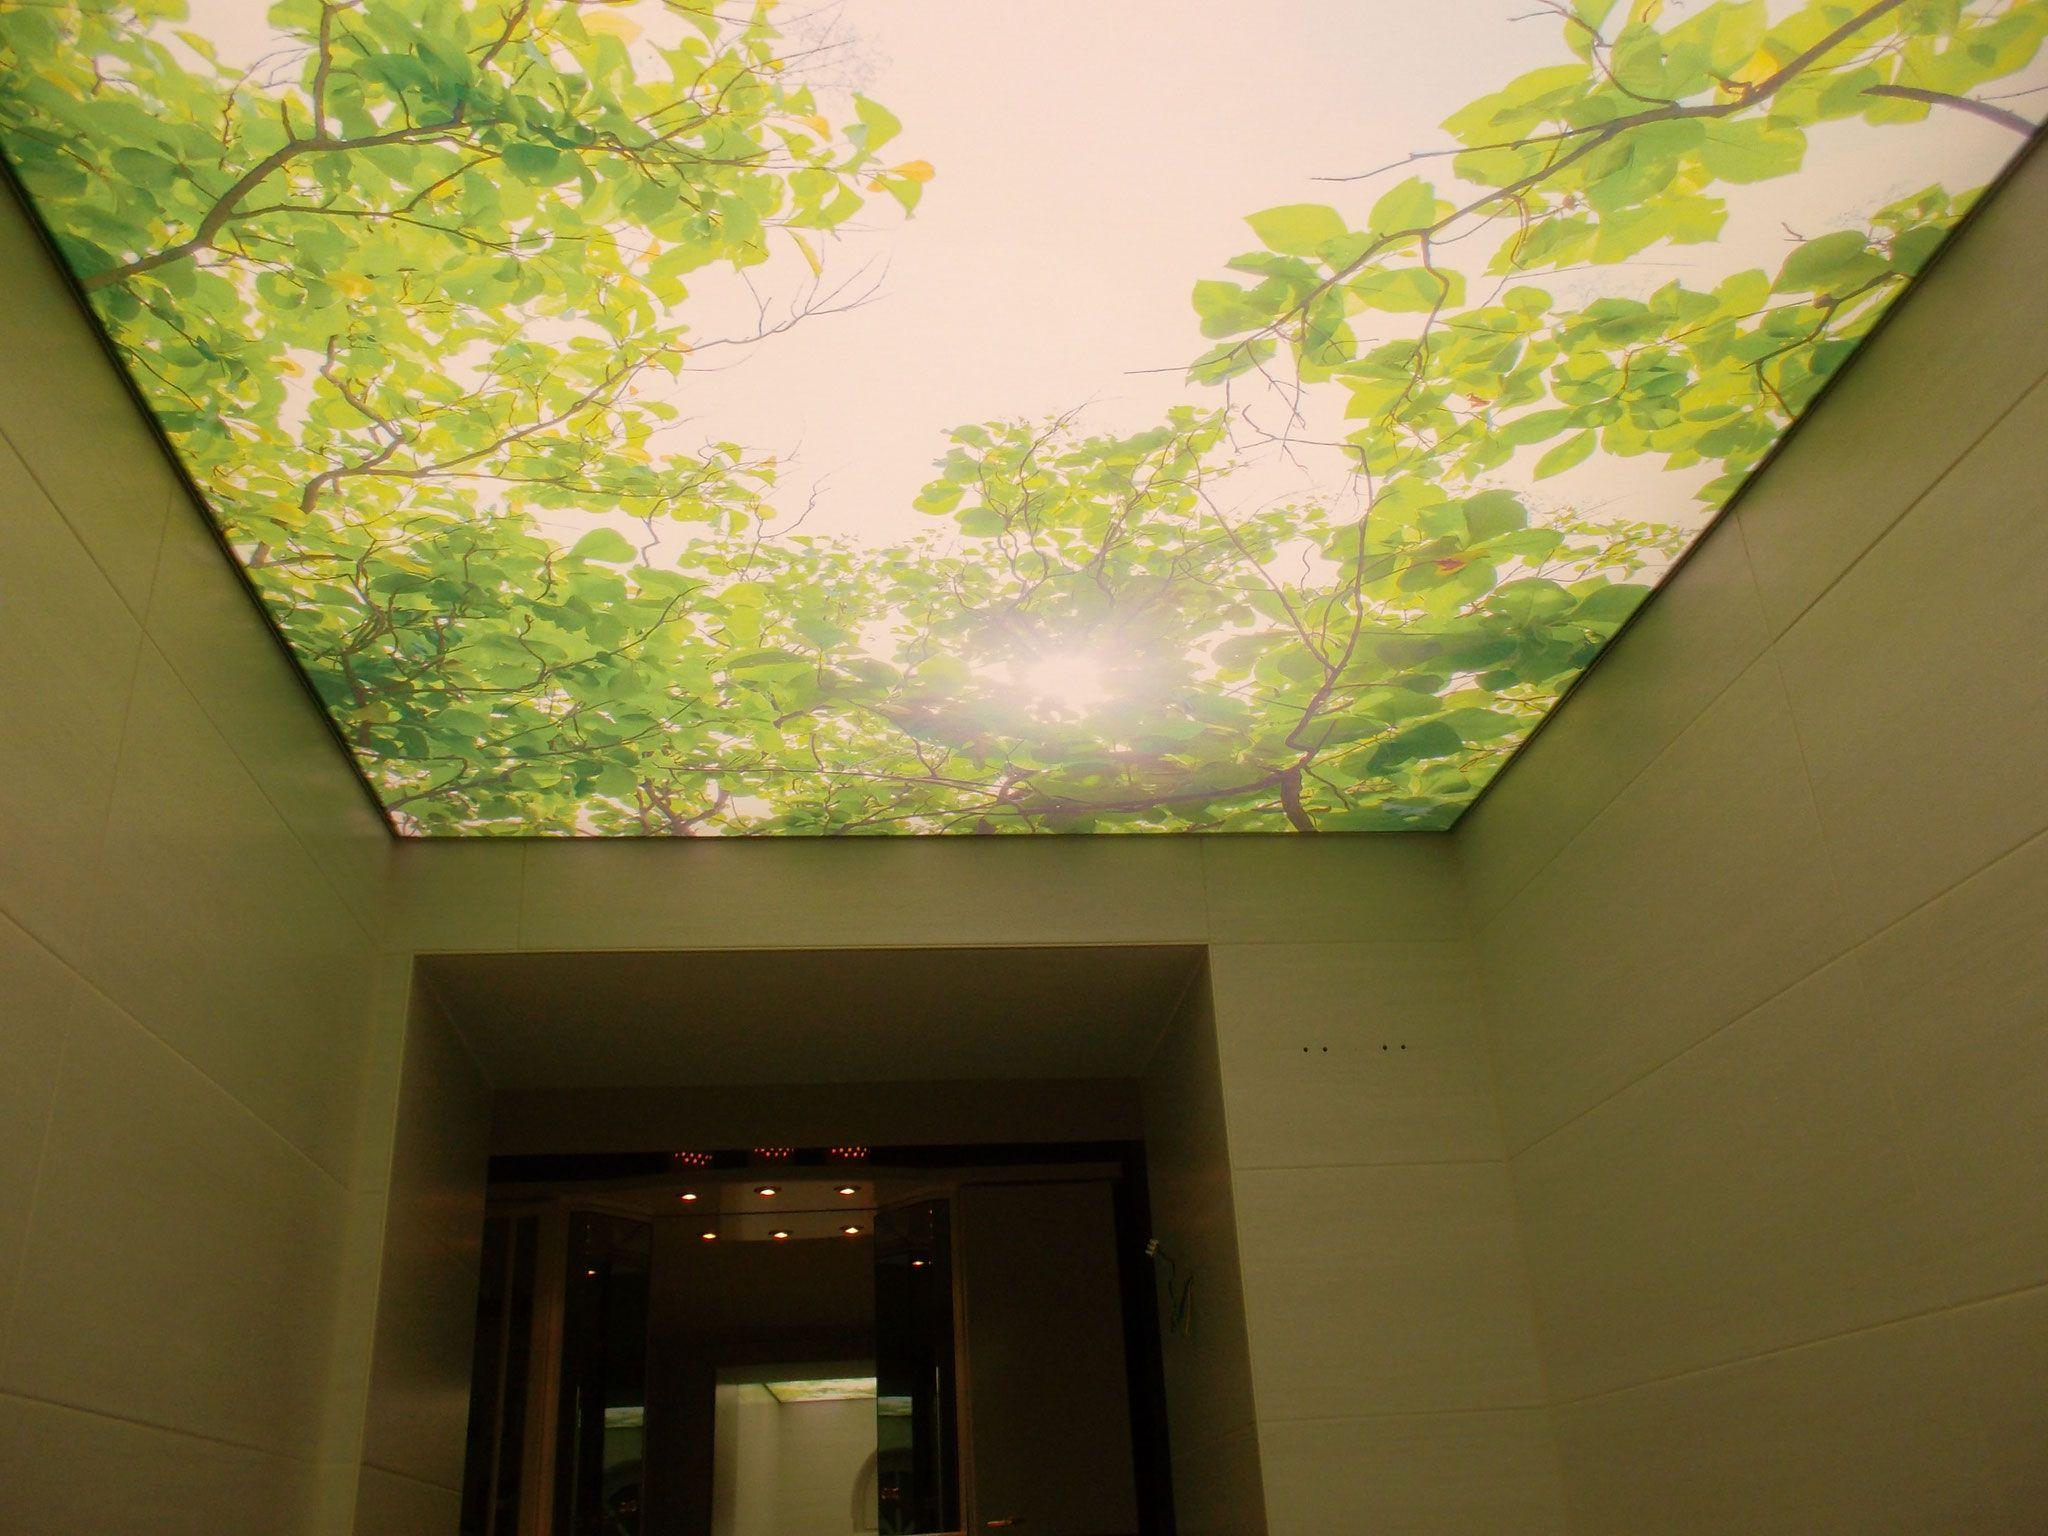 Gewebe Spanndecke Lichtdecke Mit Druck Von Planung Montage Von Meyer Spanndecken Beschichtungstechnik Spanndecken Badezimmer Ohne Fenster Beleuchtung Decke